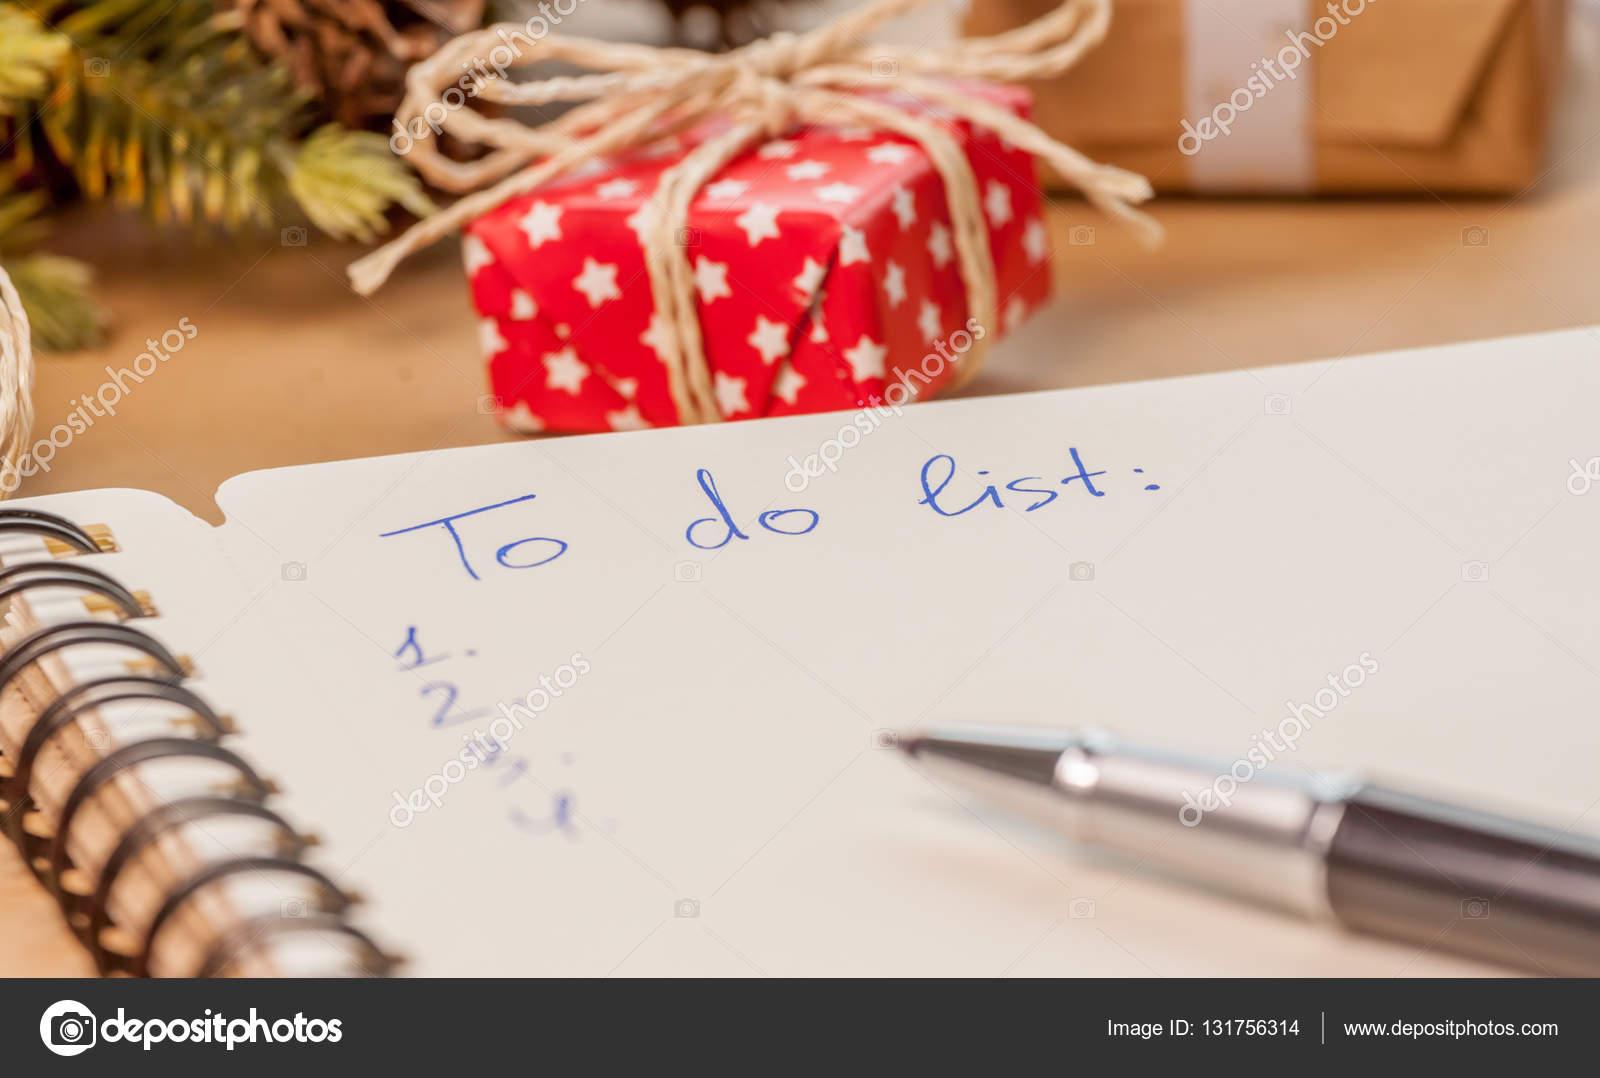 to do-Liste unter Geschenke — Stockfoto © ChechotkinAnton #131756314